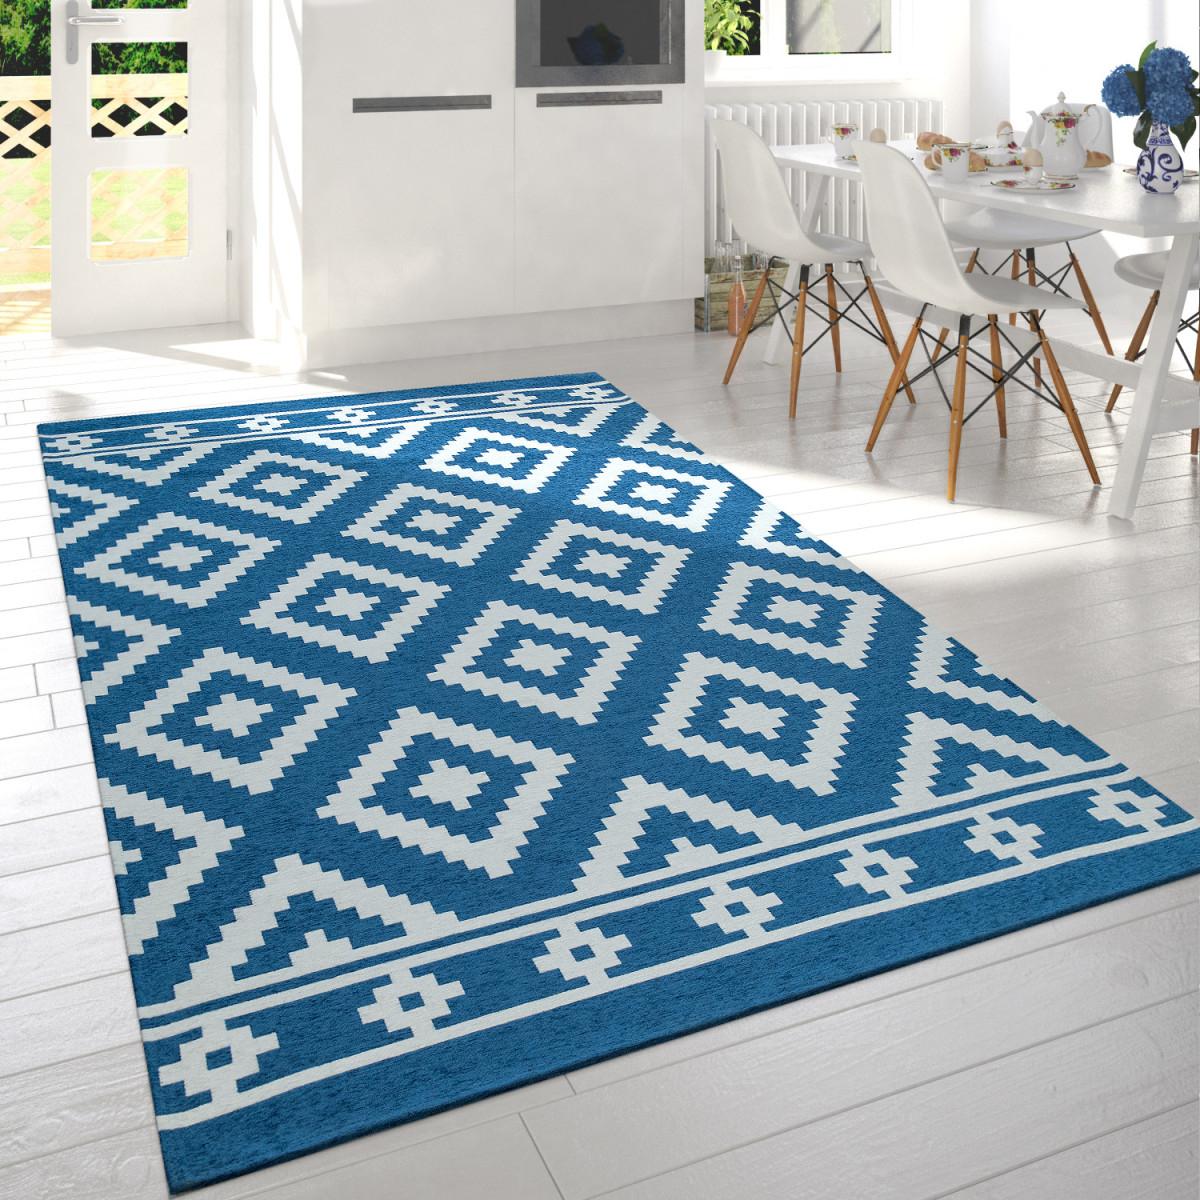 Details Zu Moderner Wohnzimmer Kurzflor Teppich Skandi Design Rauten Muster  In Blau Weiß von Blau Teppich Wohnzimmer Bild